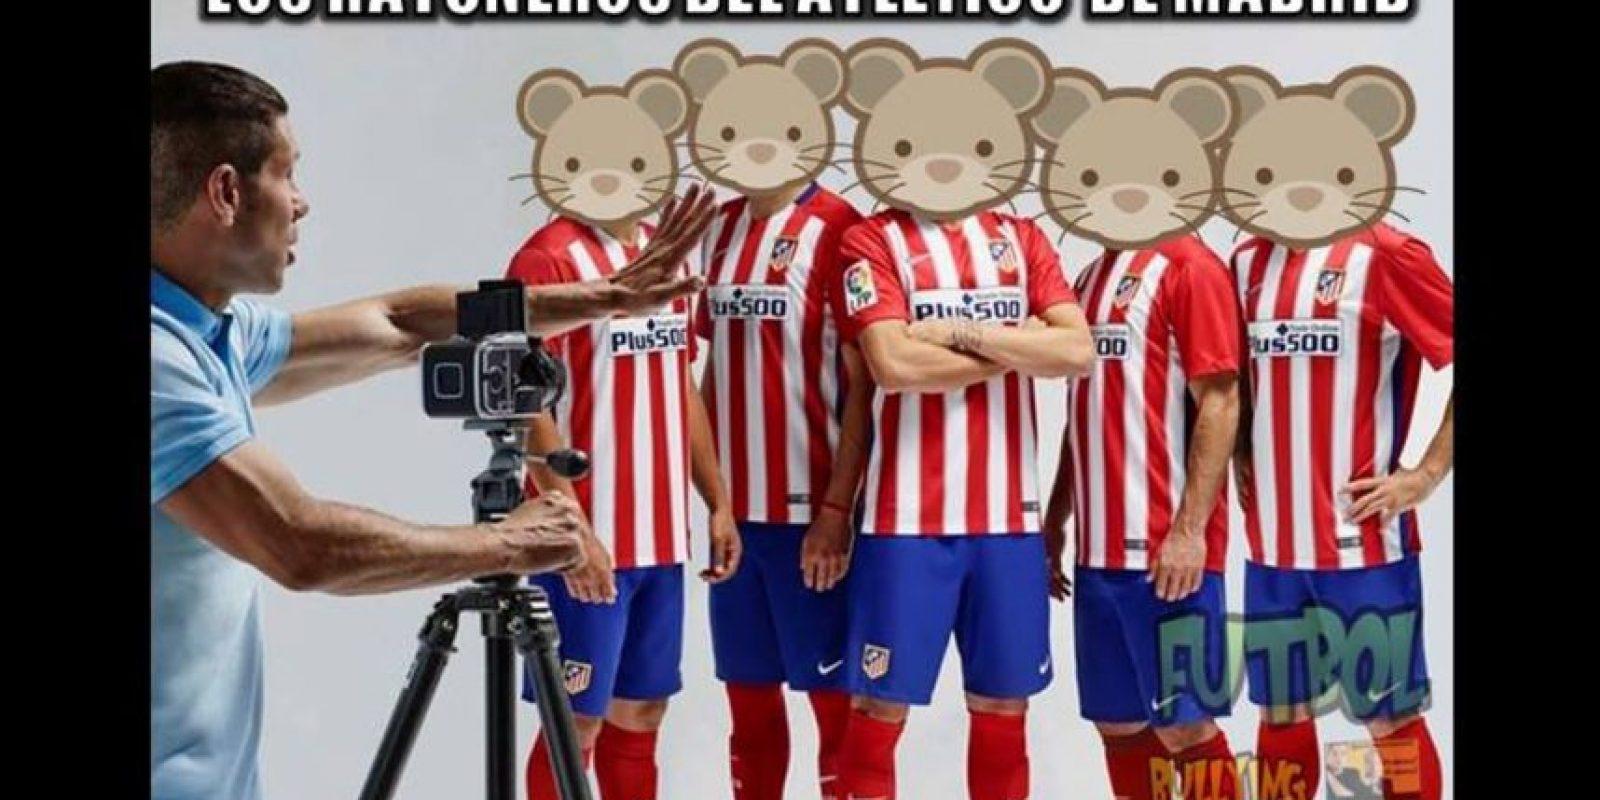 Las críticas a la táctica del Atlético no tardaron en llegar. Foto:Vía facebook.com